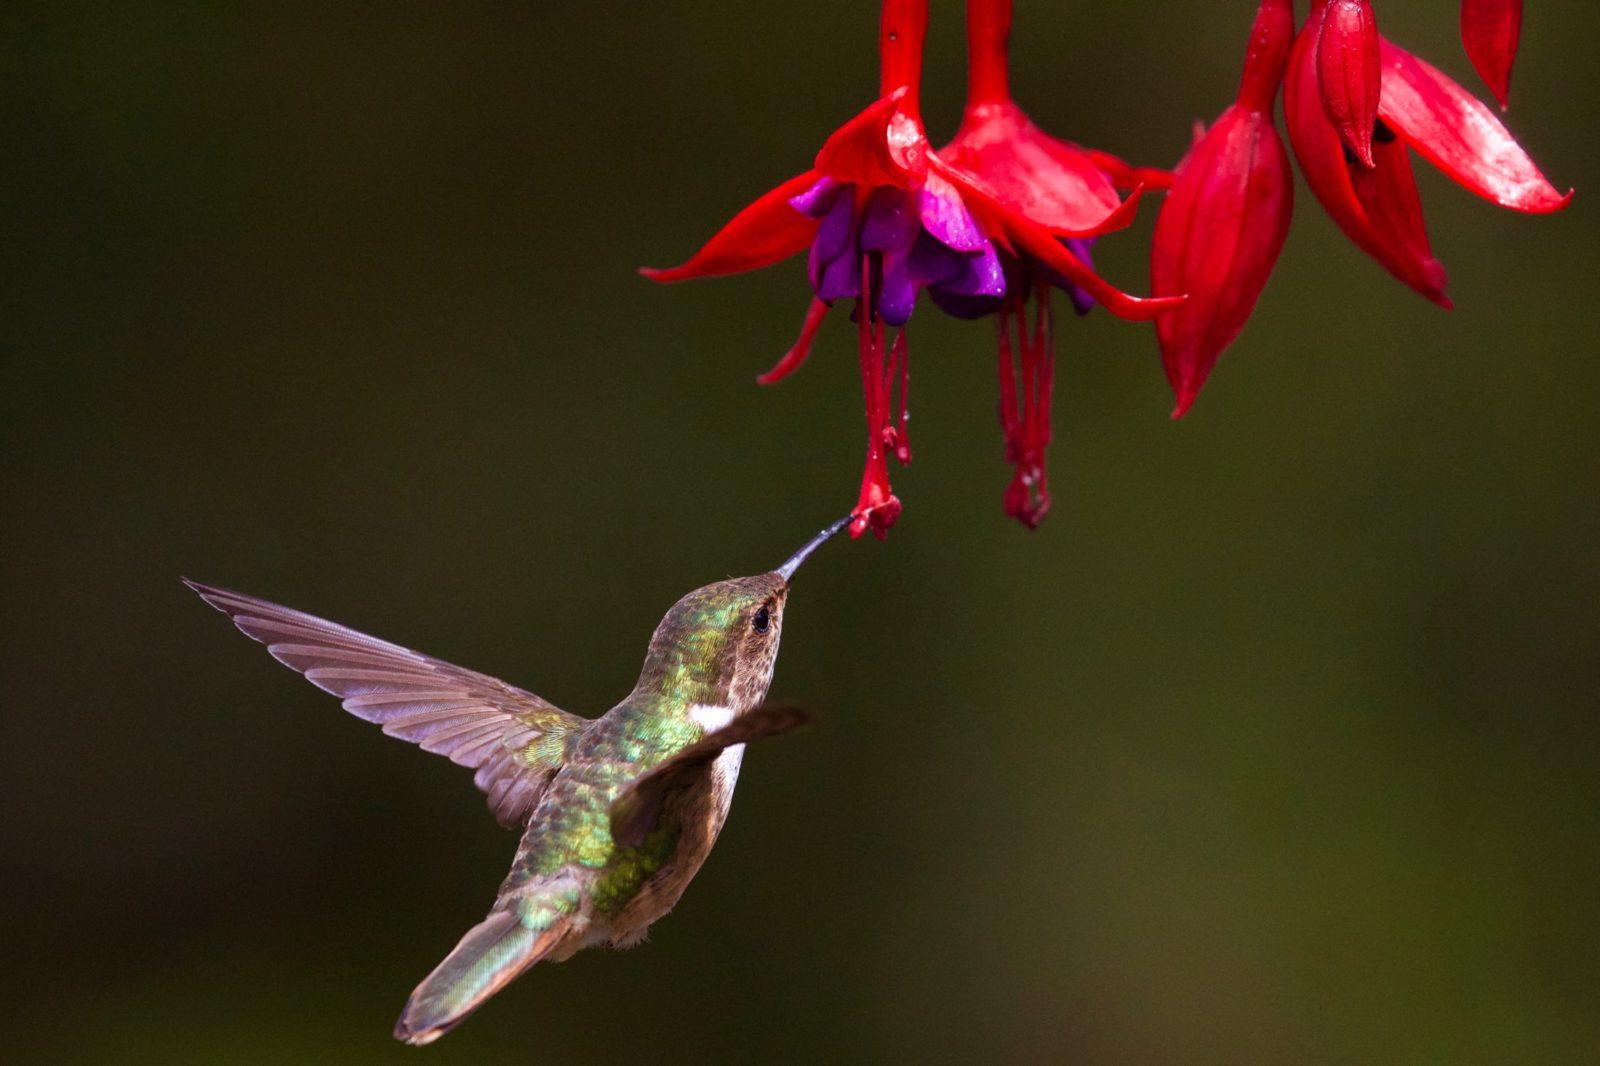 O beija-flor vive nas matas, capoeiras, cerrados, campos naturais e outros tipos de vegetação.